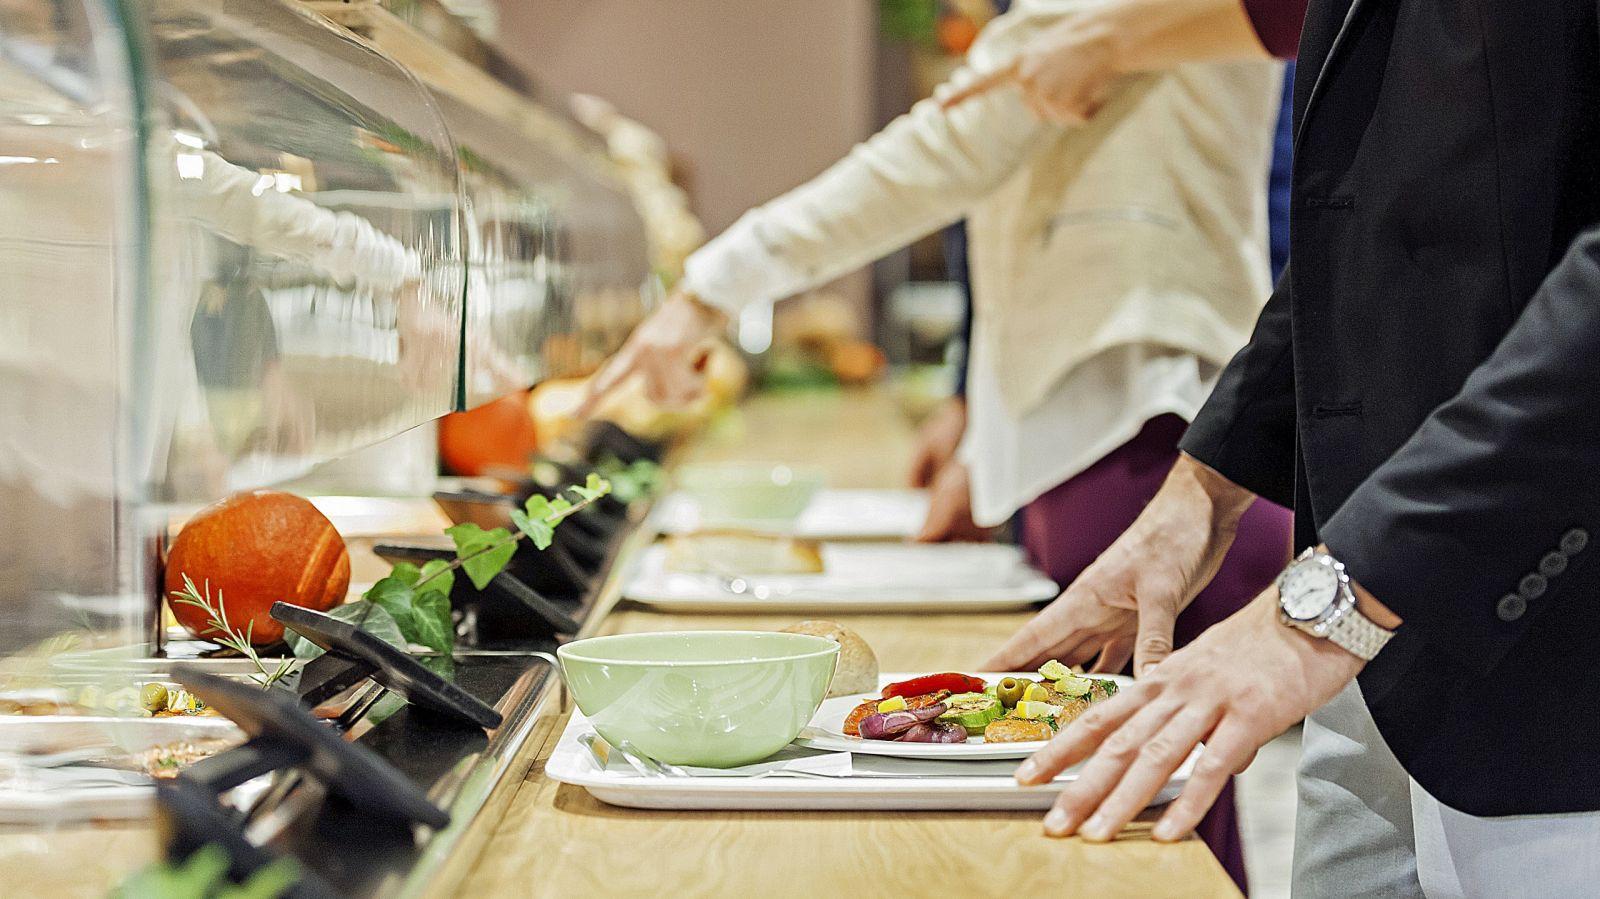 6 lời khuyên ăn uống lành mạnh mà dân văn phòng không nên bỏ qua - Ảnh 1.